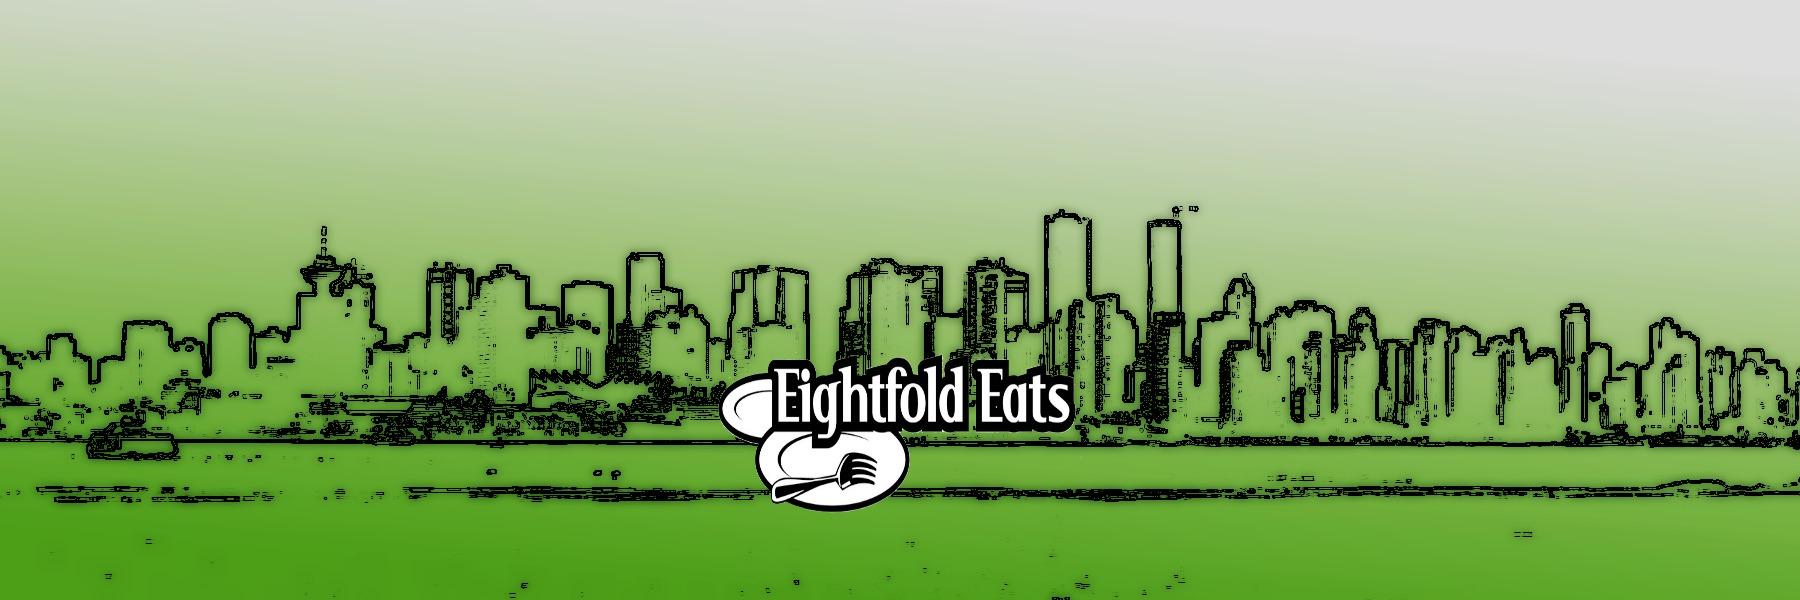 Eightfold Eats Bakery